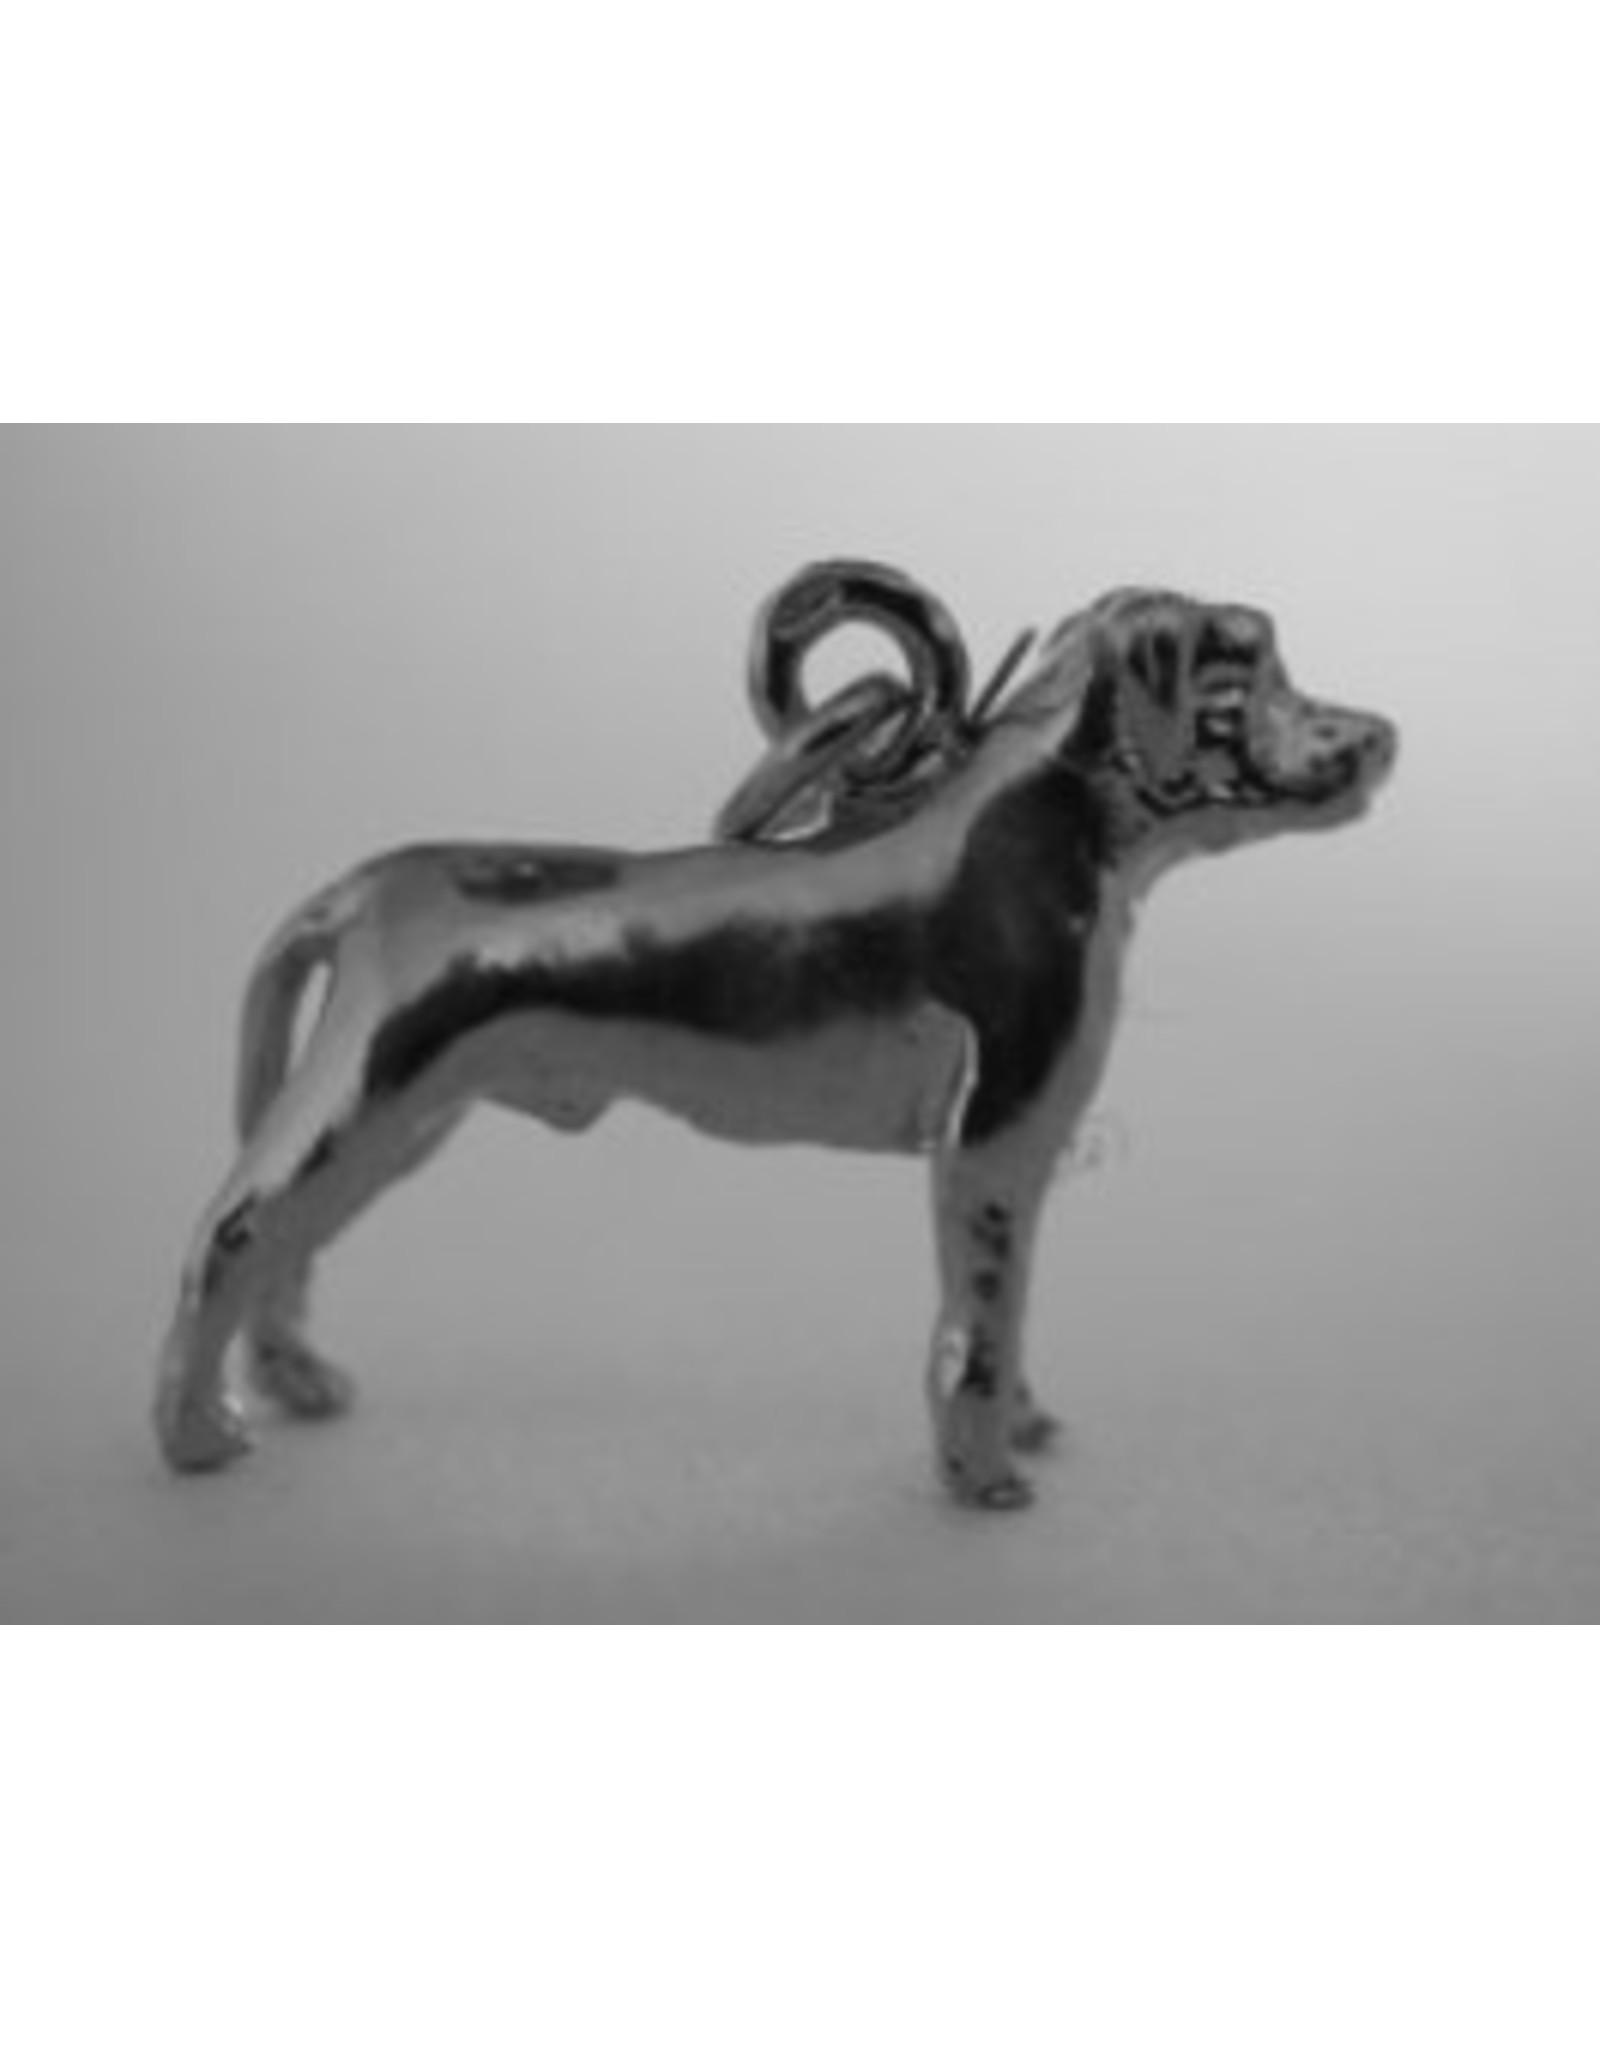 Handmade by Hanneke Weigel Zilveren Perro de presa Canario